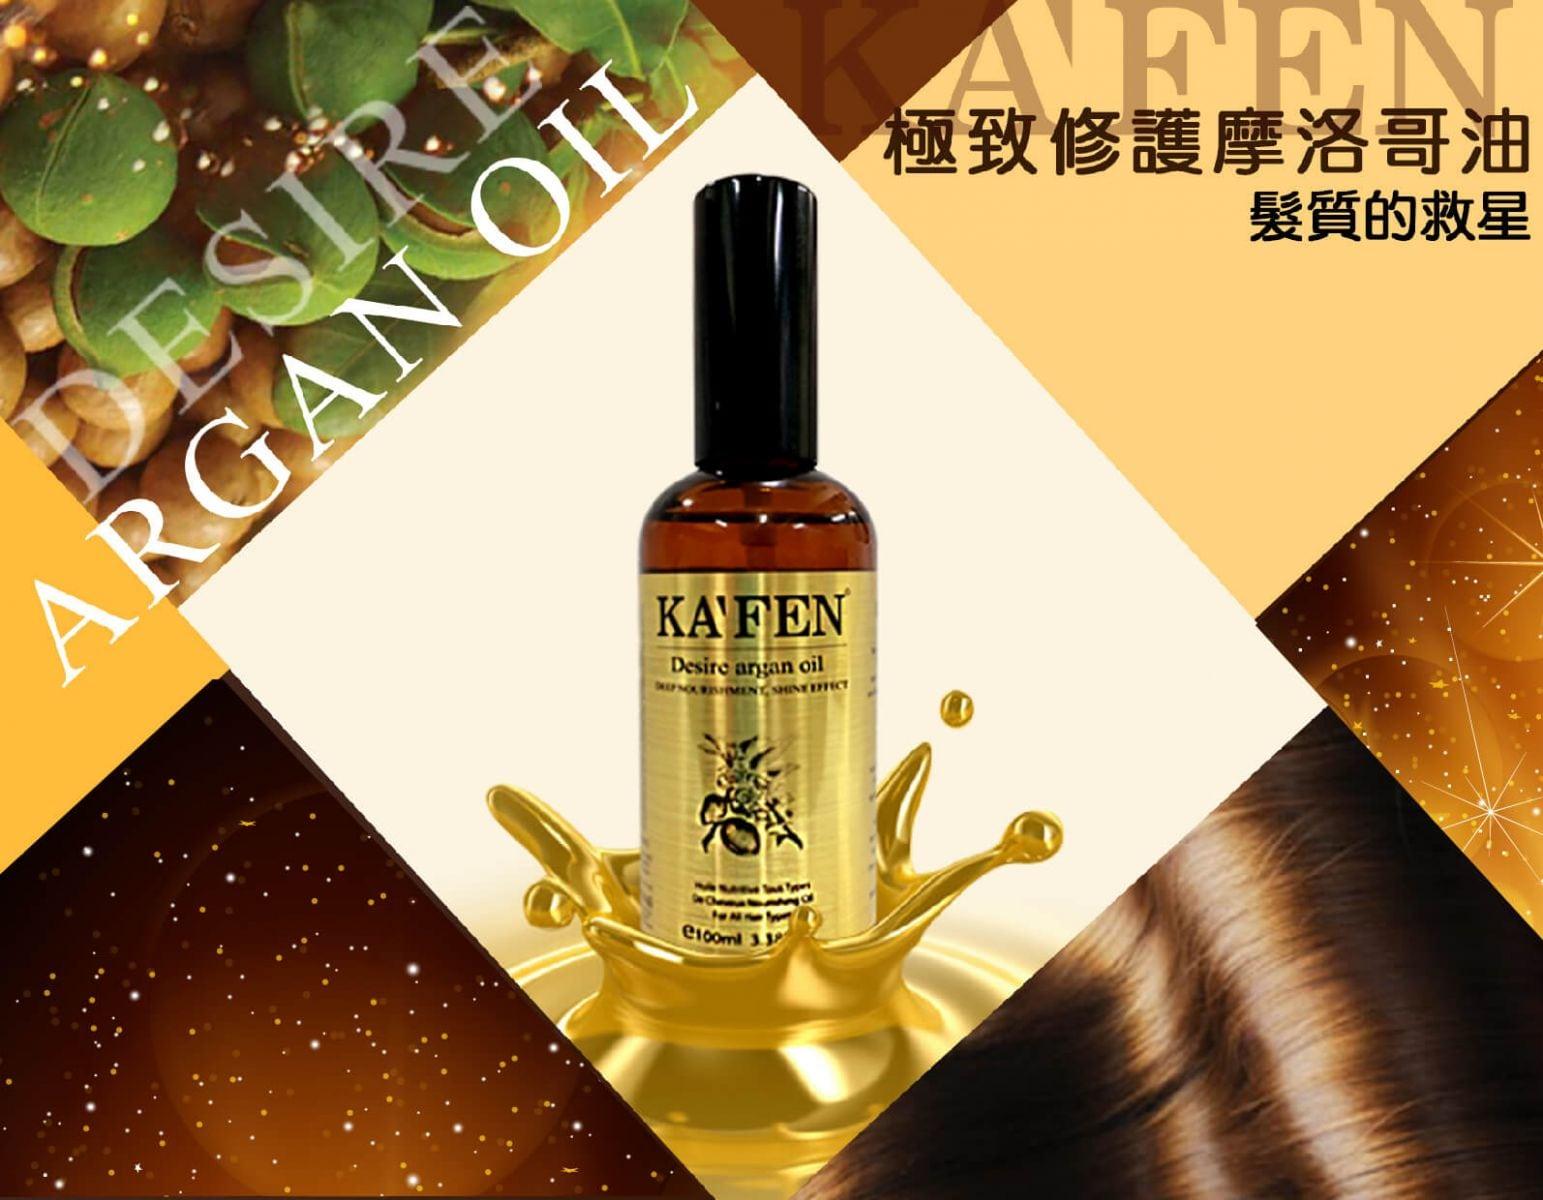 Desire Argan Hair Oil - Feature 5